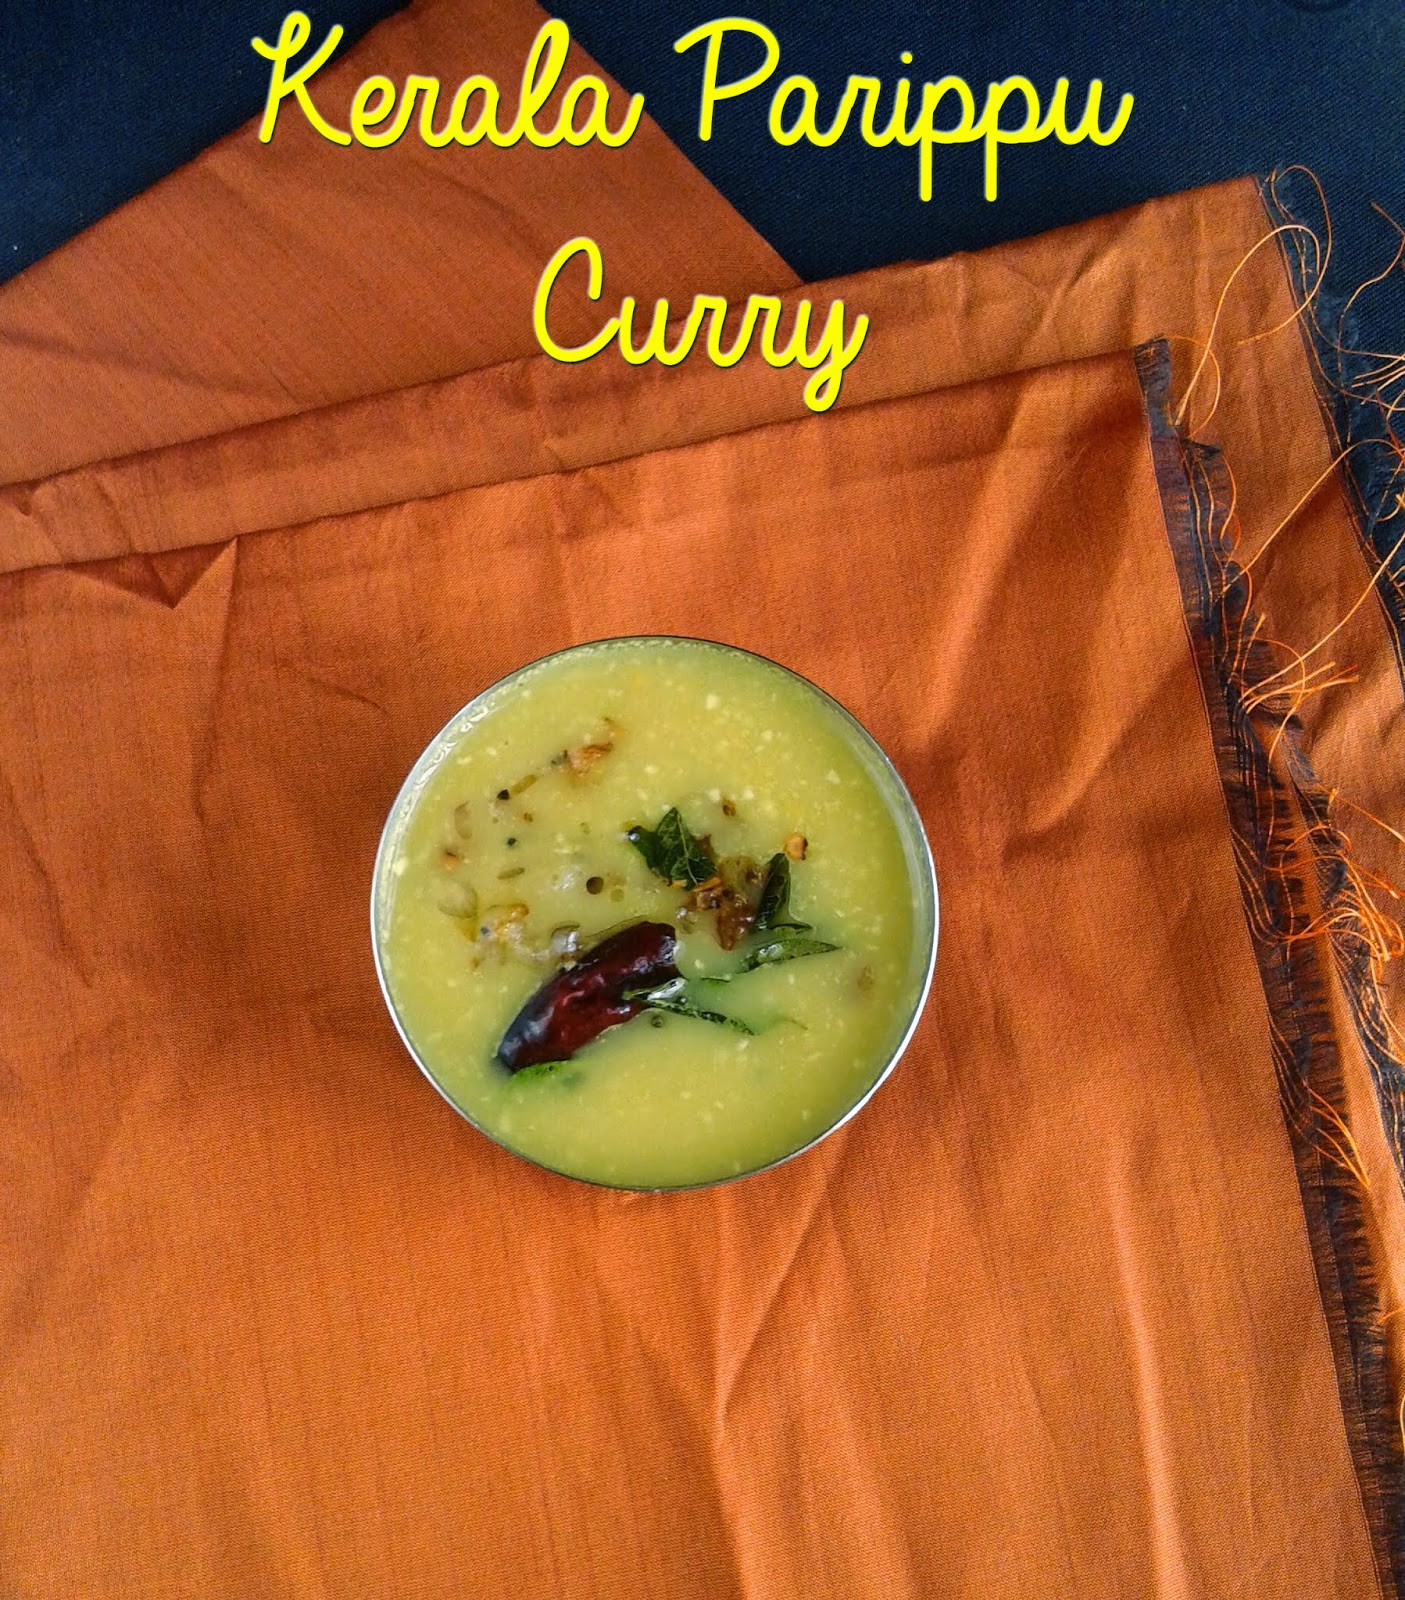 Kerala-paruppu-recipe